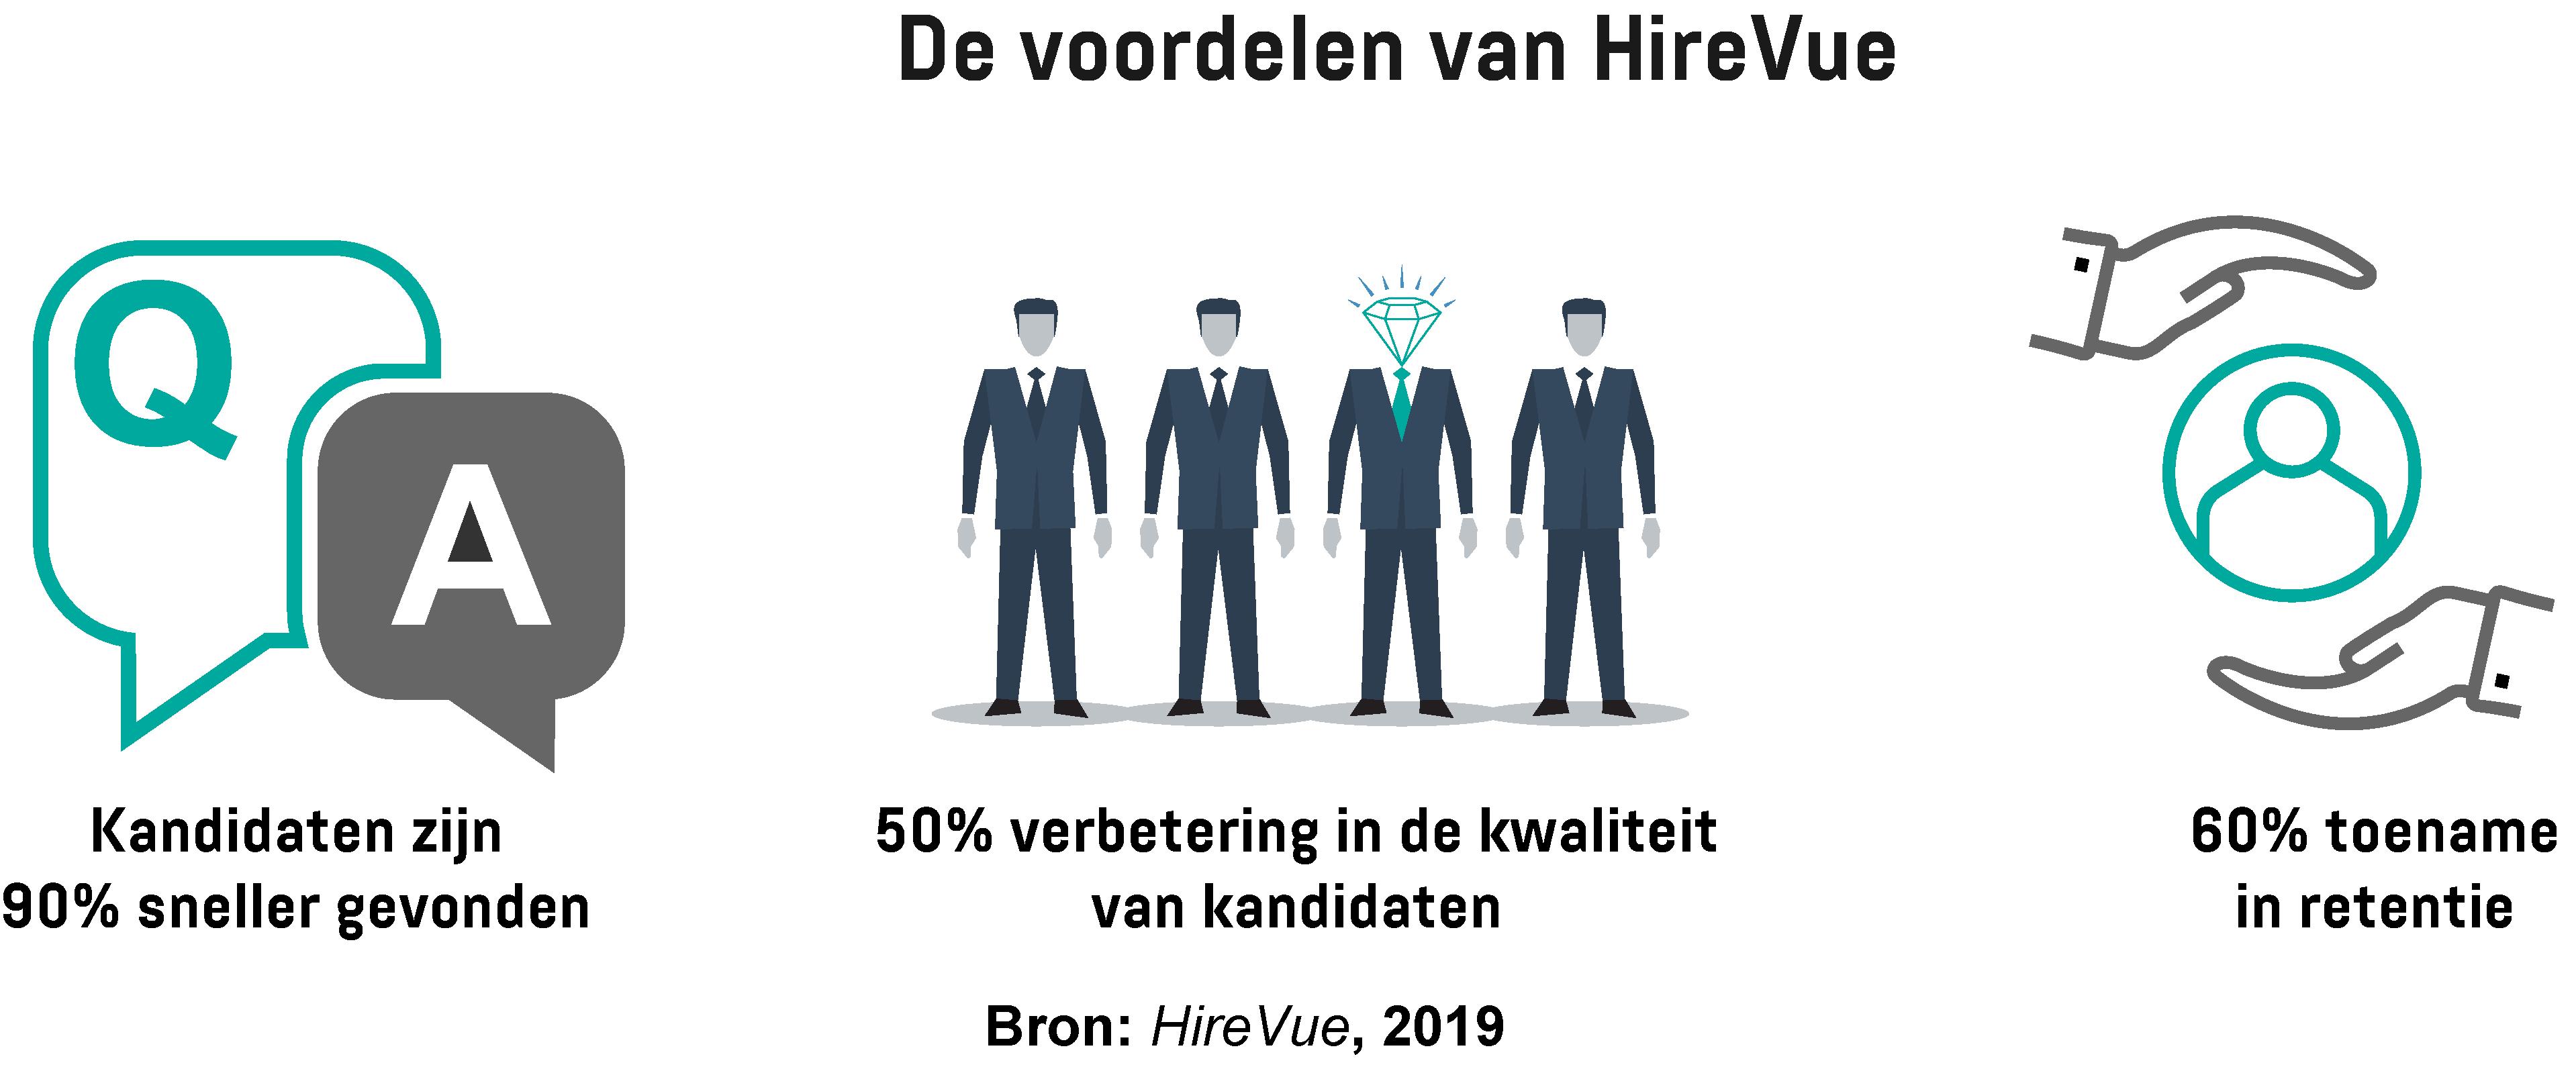 Infographic met de voordelen van het implementeren van de wervingstool HireVue.